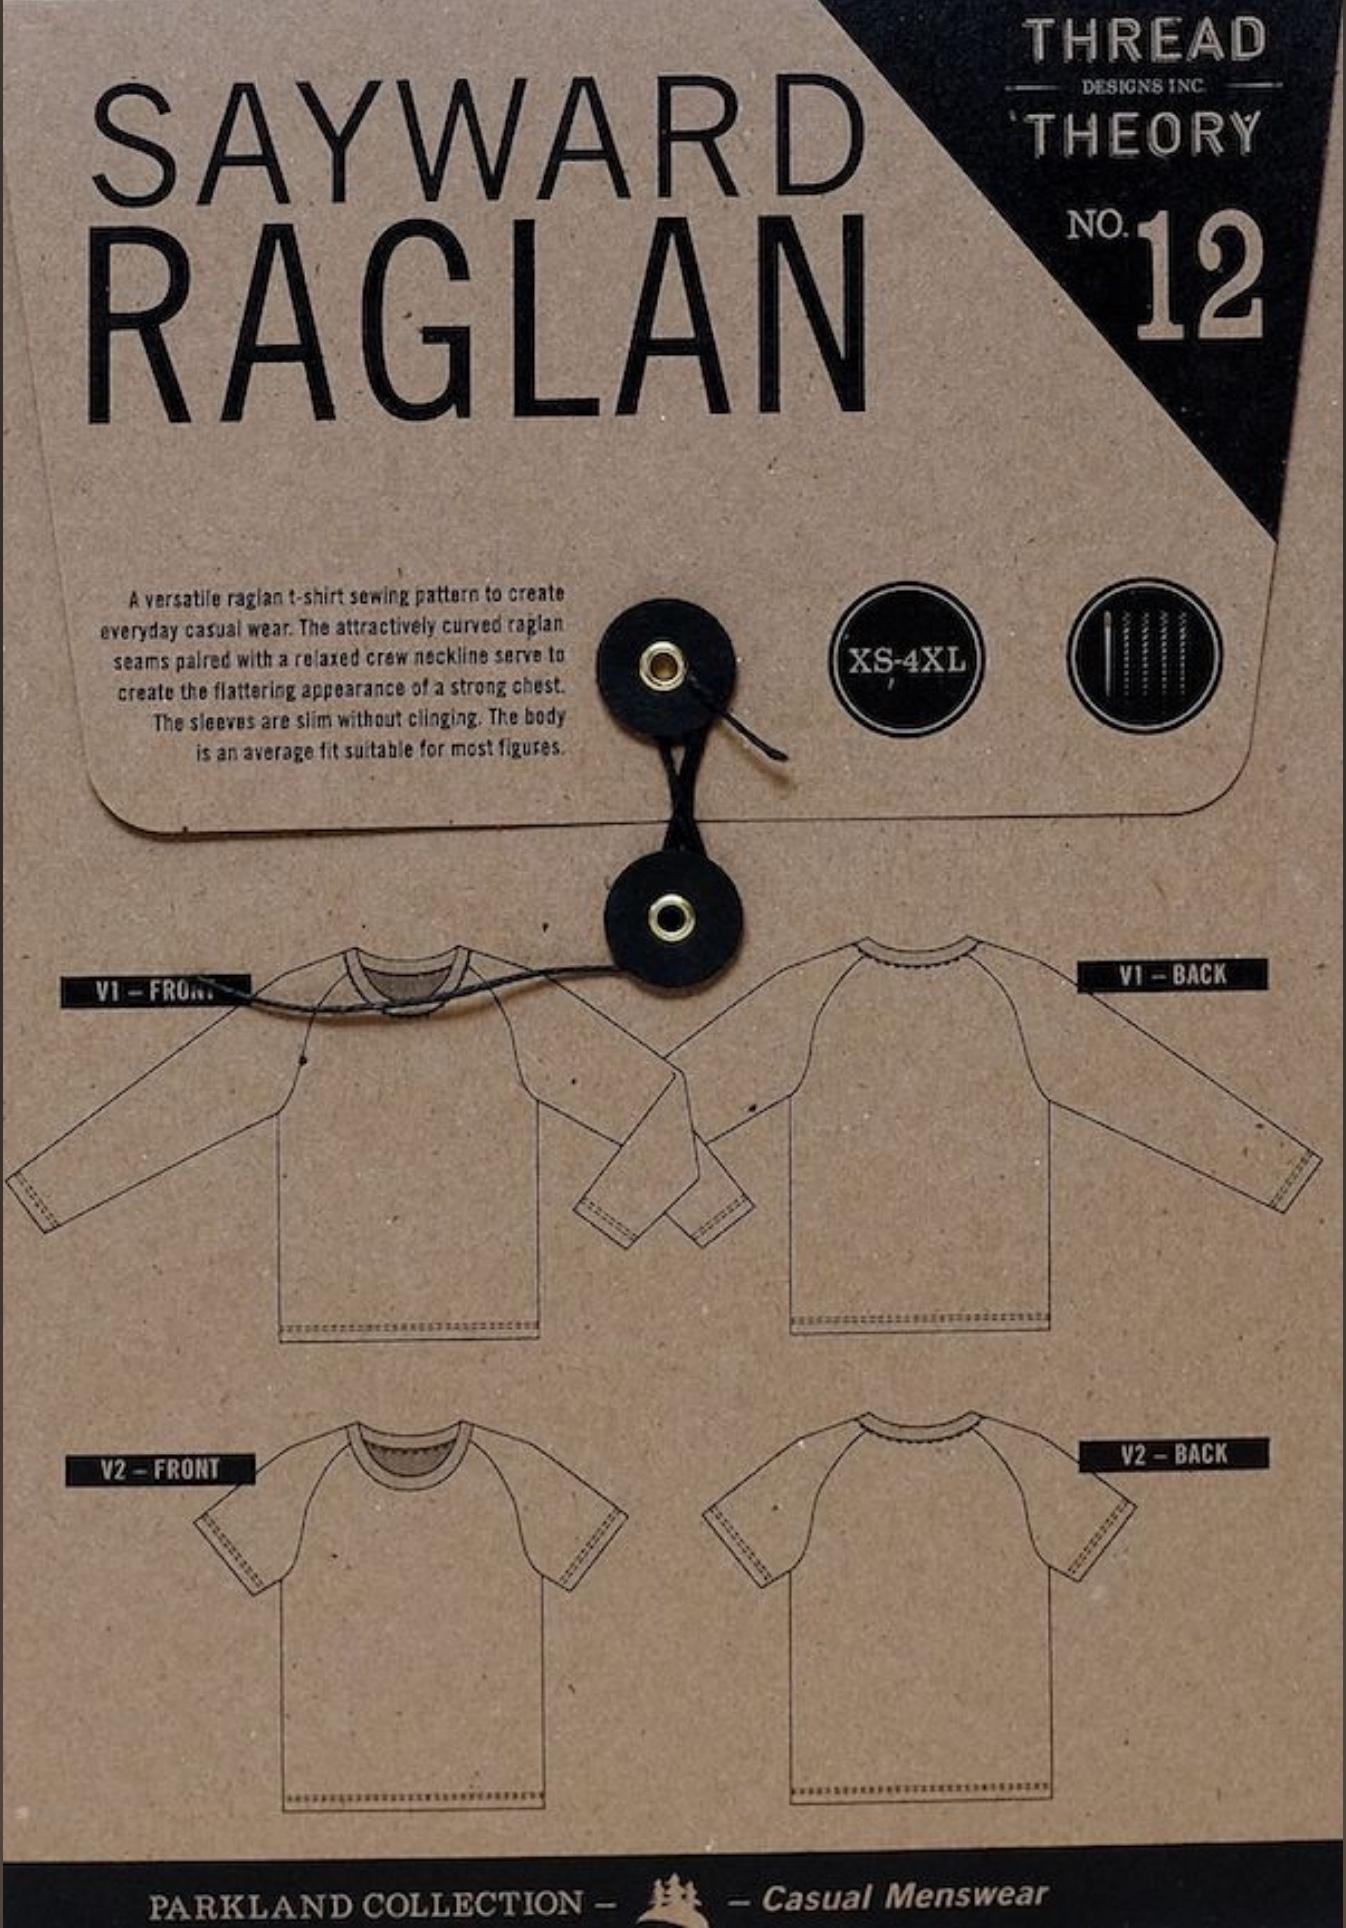 Sayward Raglan by Thread Theory